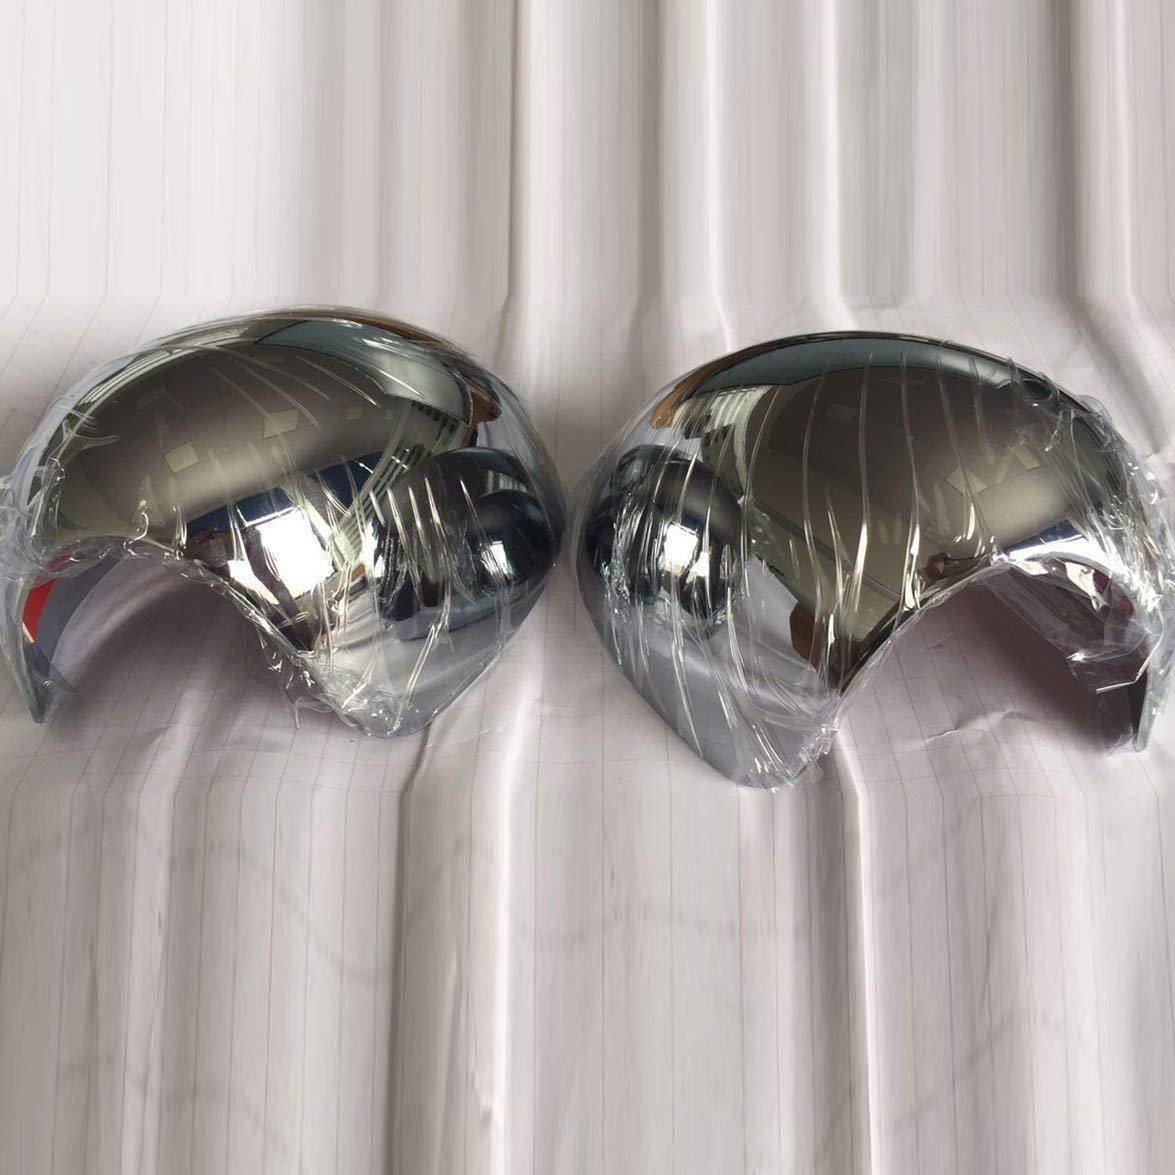 Copertura posteriore dello specchietto retrovisore Kongqiabona 2 pezzi Copertura laterale dello specchietto retrovisore della portiera per BMW Mini Cooper F55 F56 F54 F60